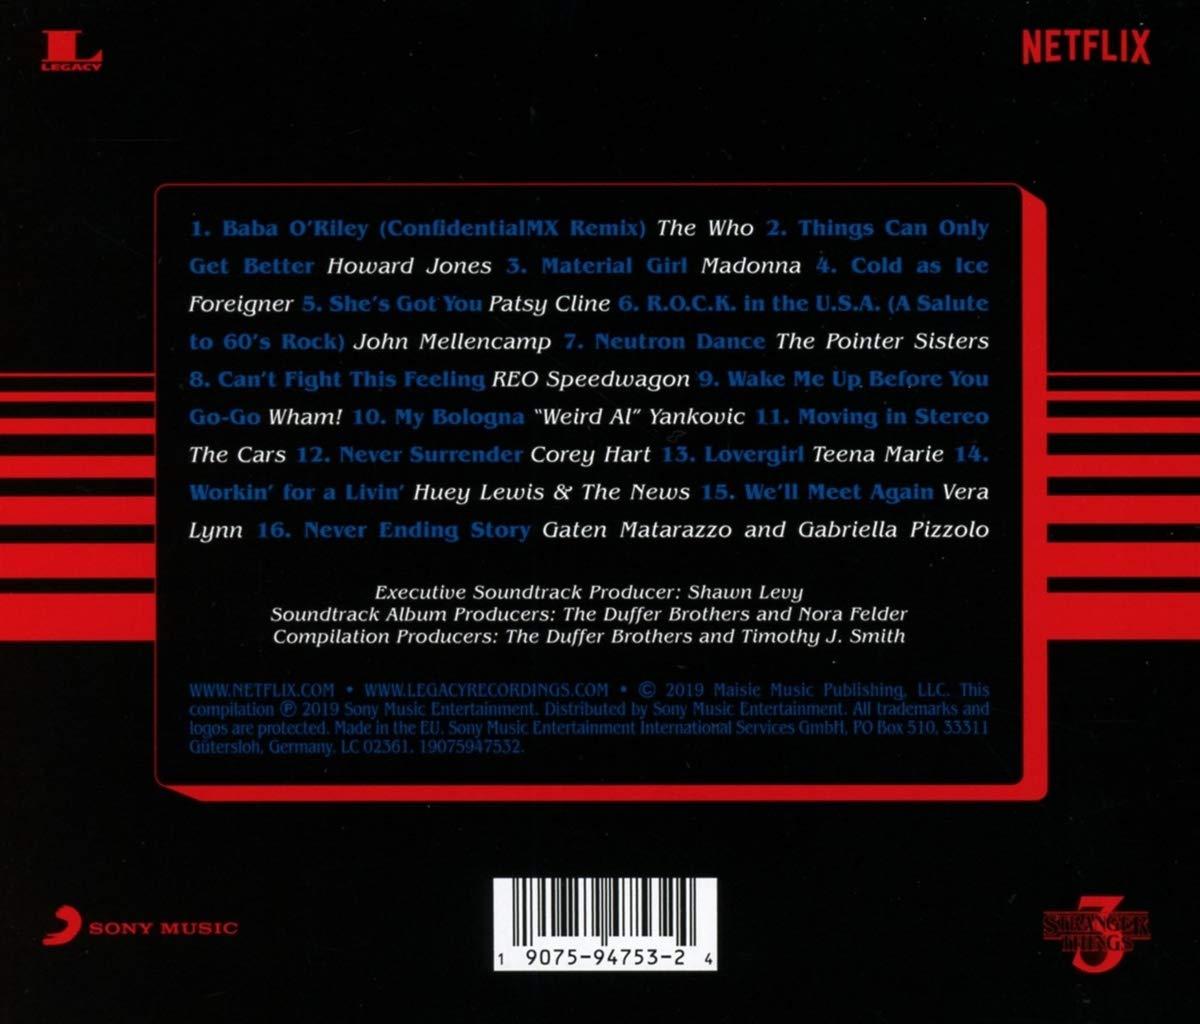 기묘한 이야기 시즌 3 넷플릭스 드라마 음악 (Stranger Things Season 3 OST)